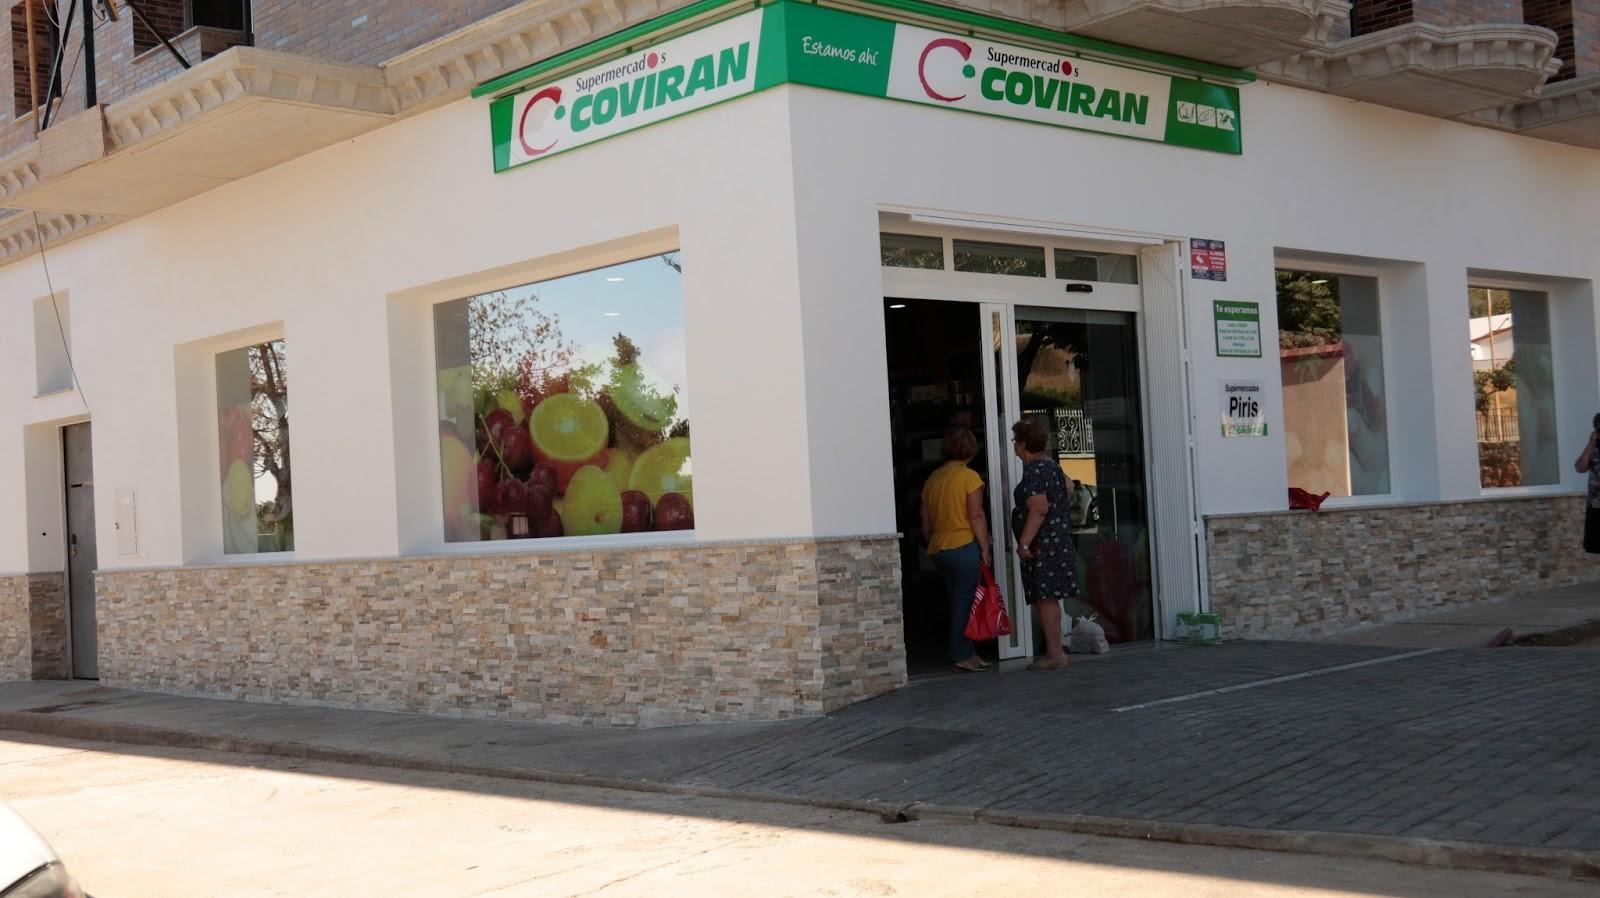 Cóviran junta sete novos supermercados à rede em Portugal nos três últimos meses